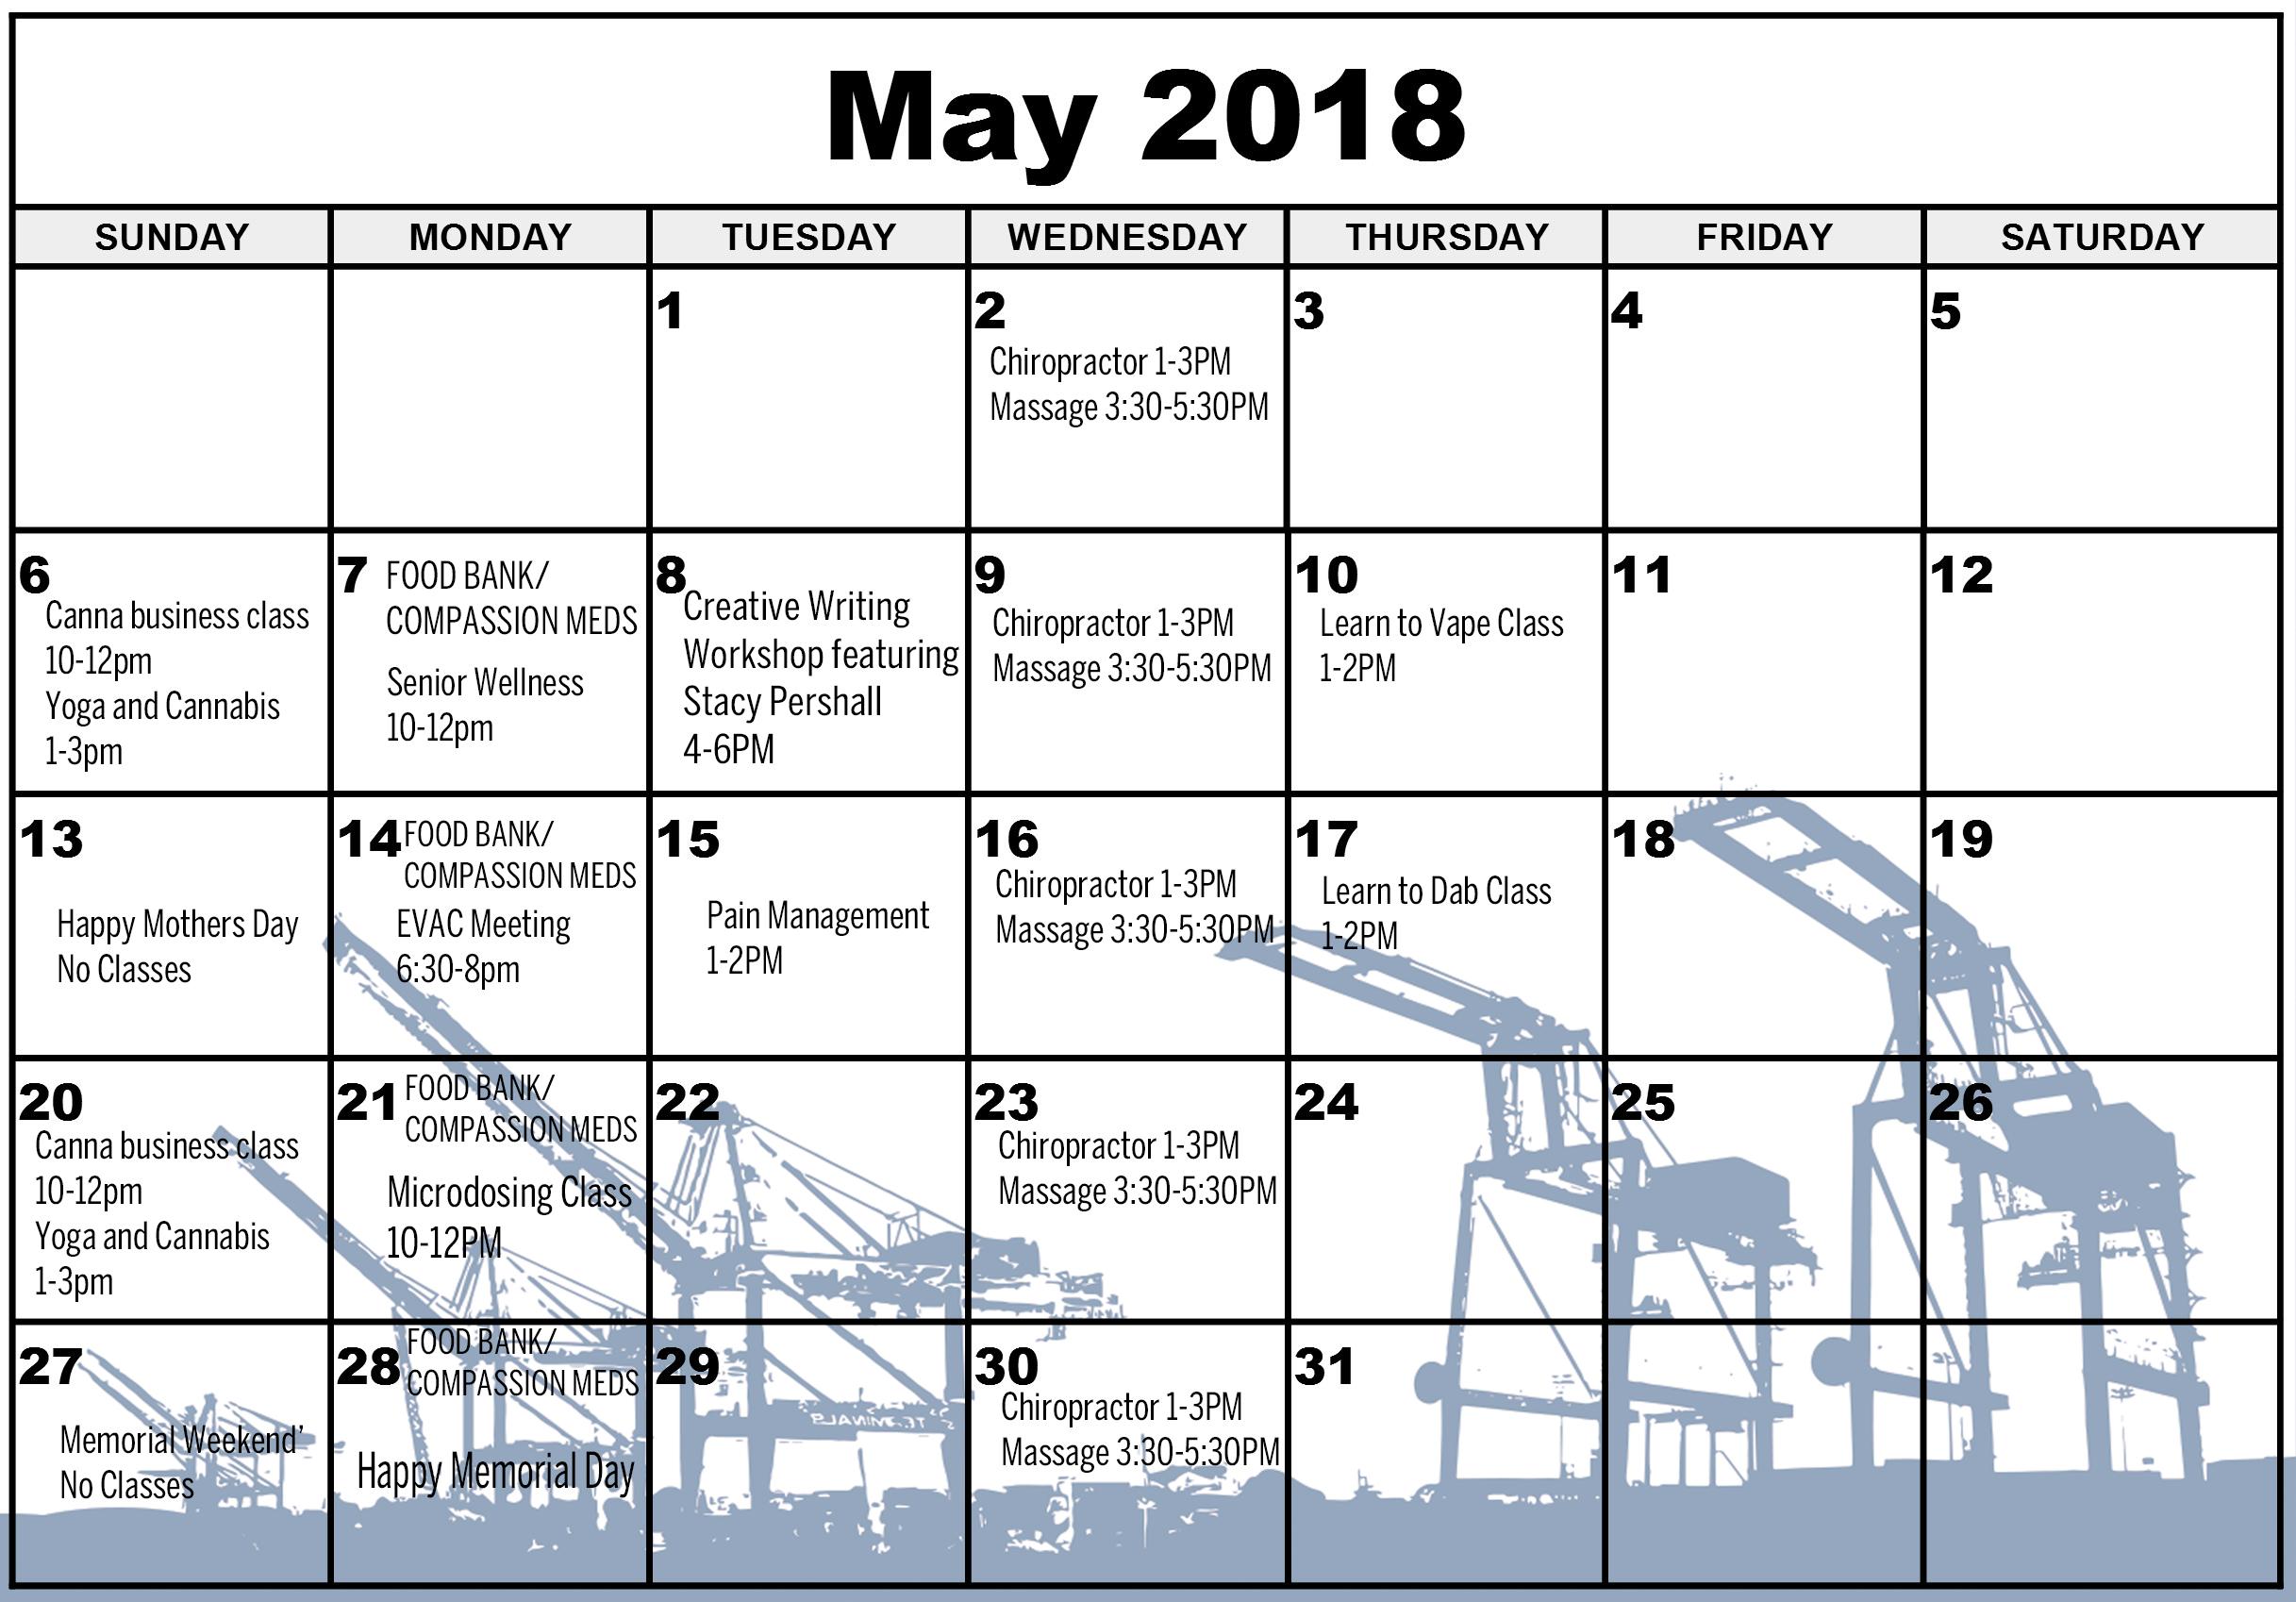 May 2018 Calender.jpg